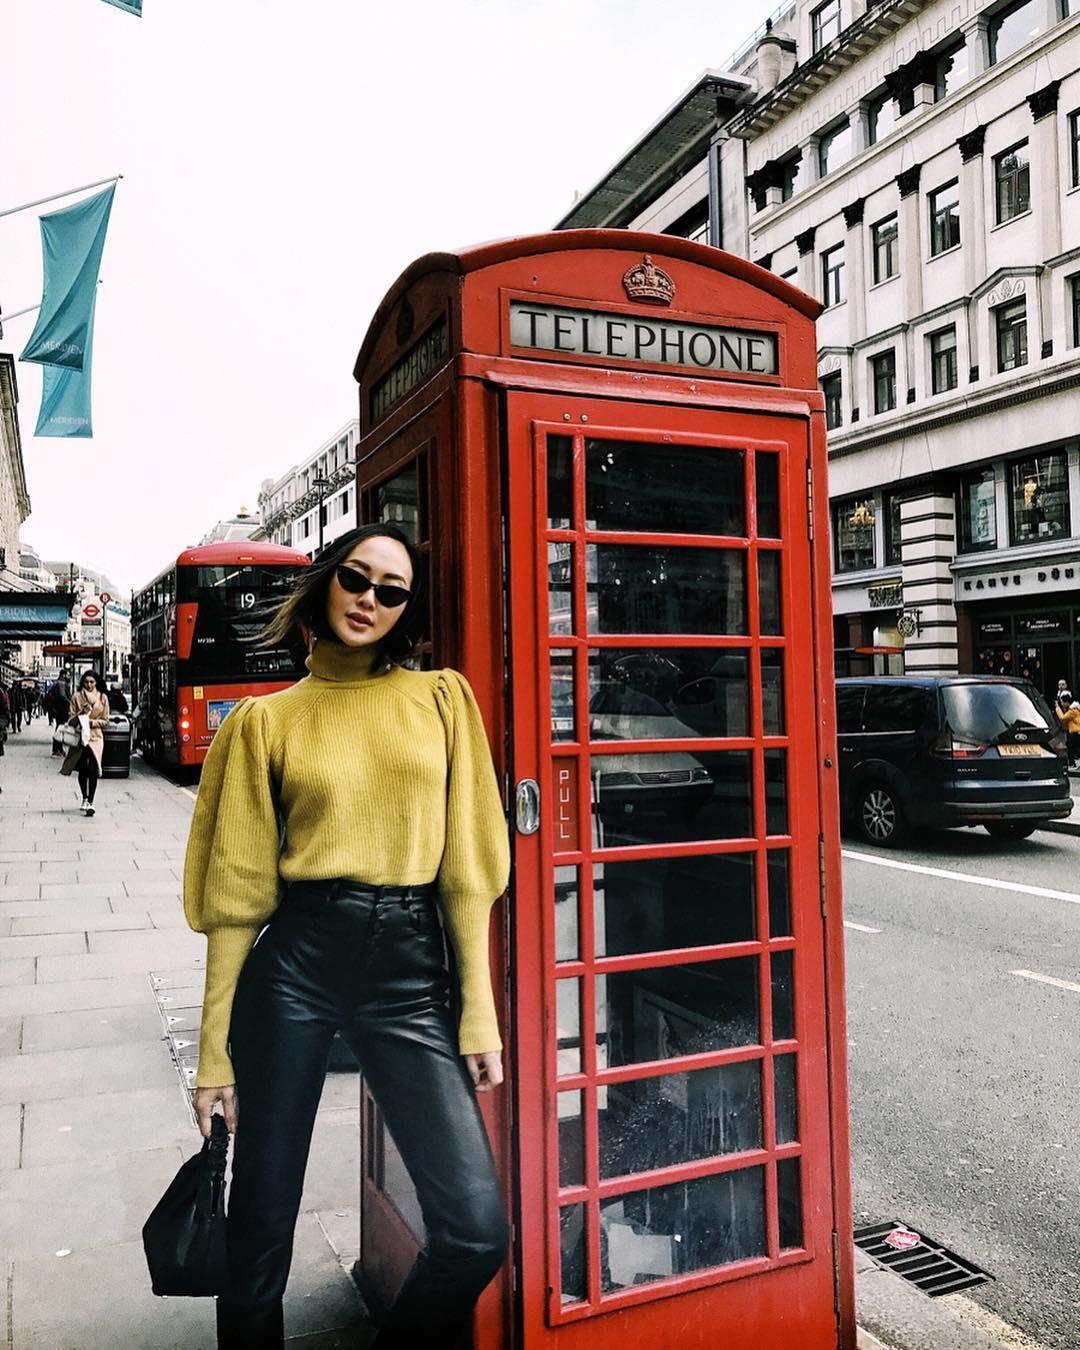 De vrouwelijke vis: de Engelse telefooncel